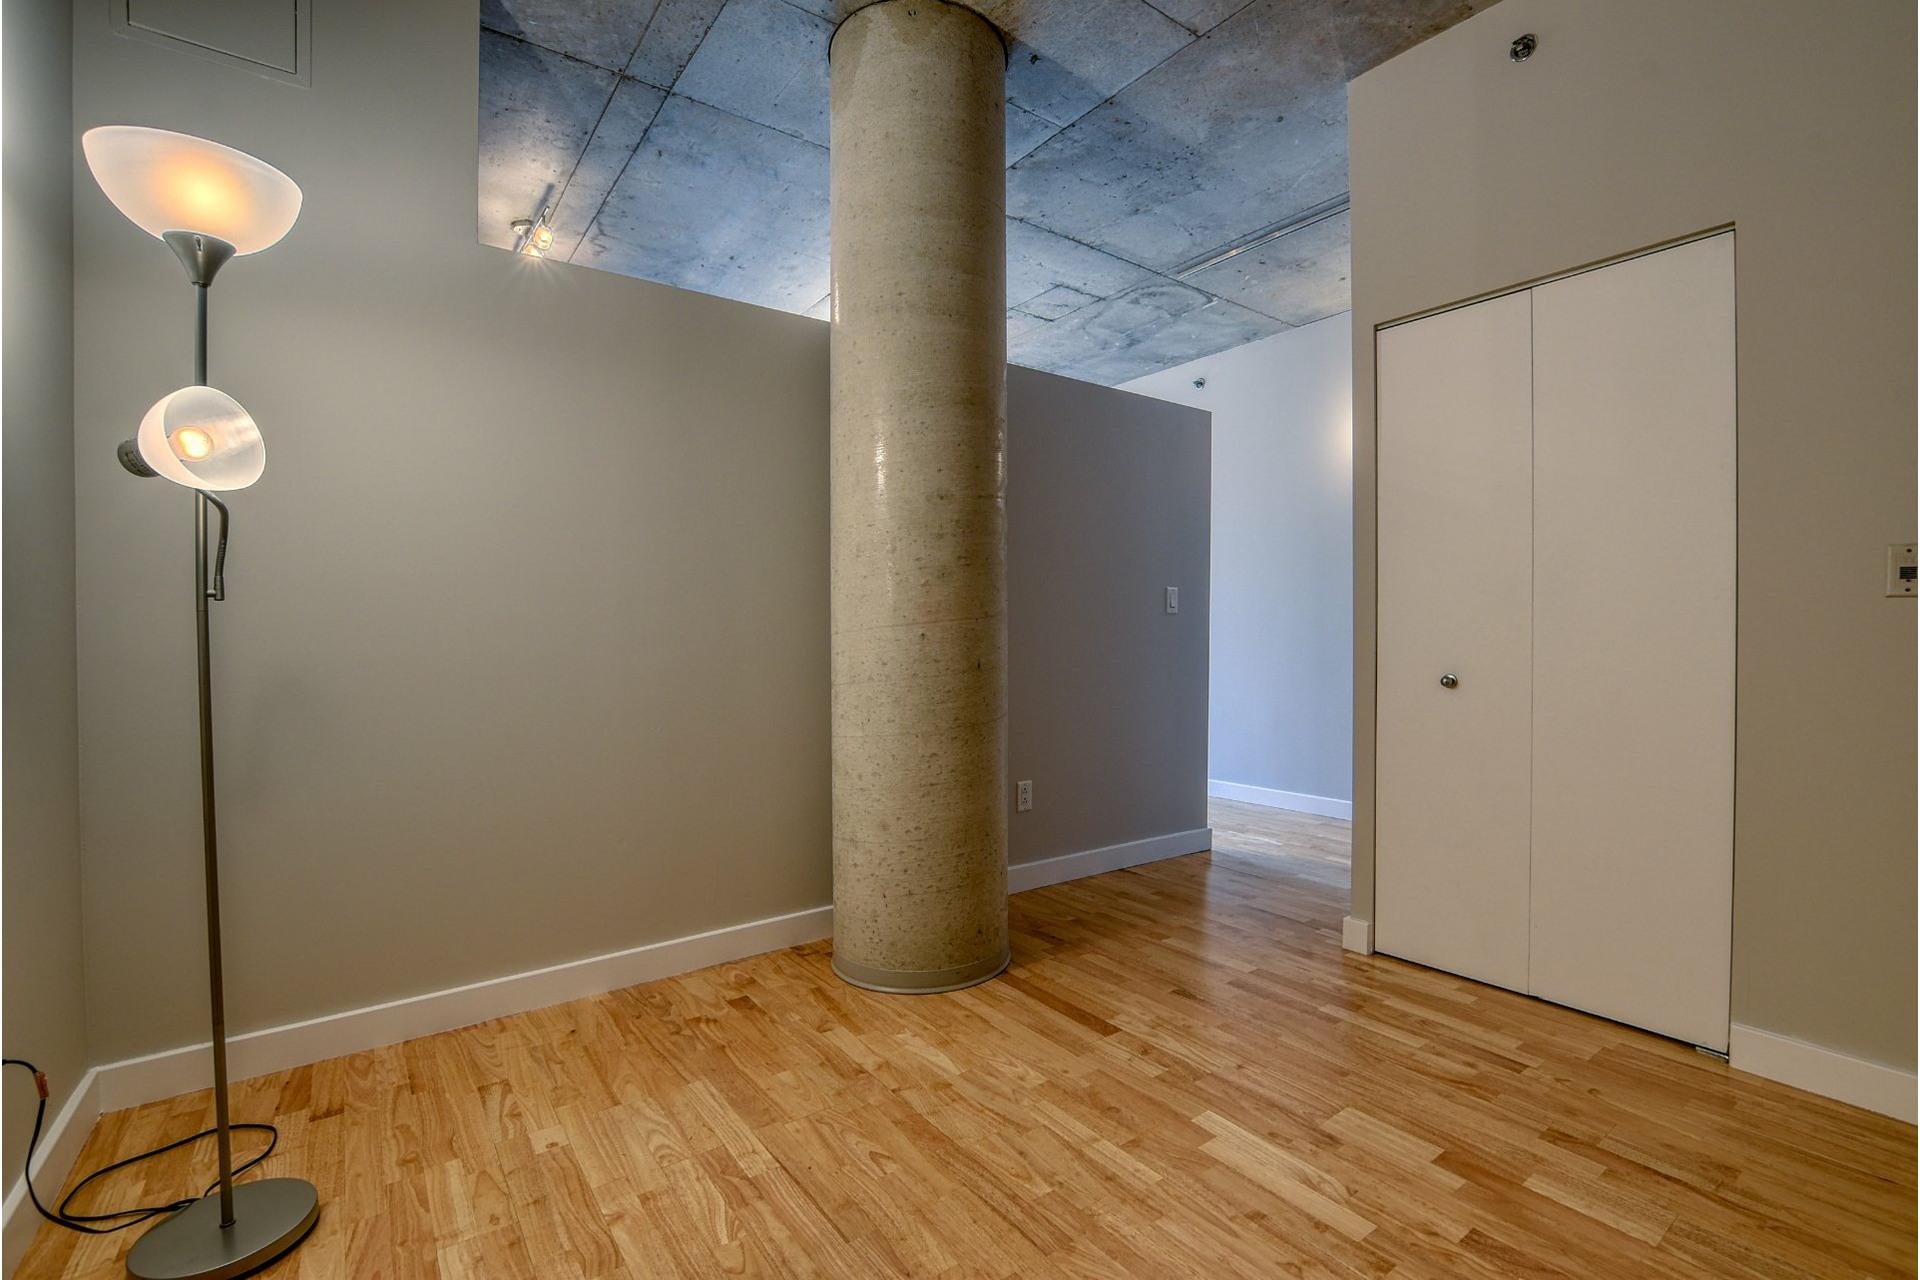 image 13 - Apartment For sale Ville-Marie Montréal  - 6 rooms